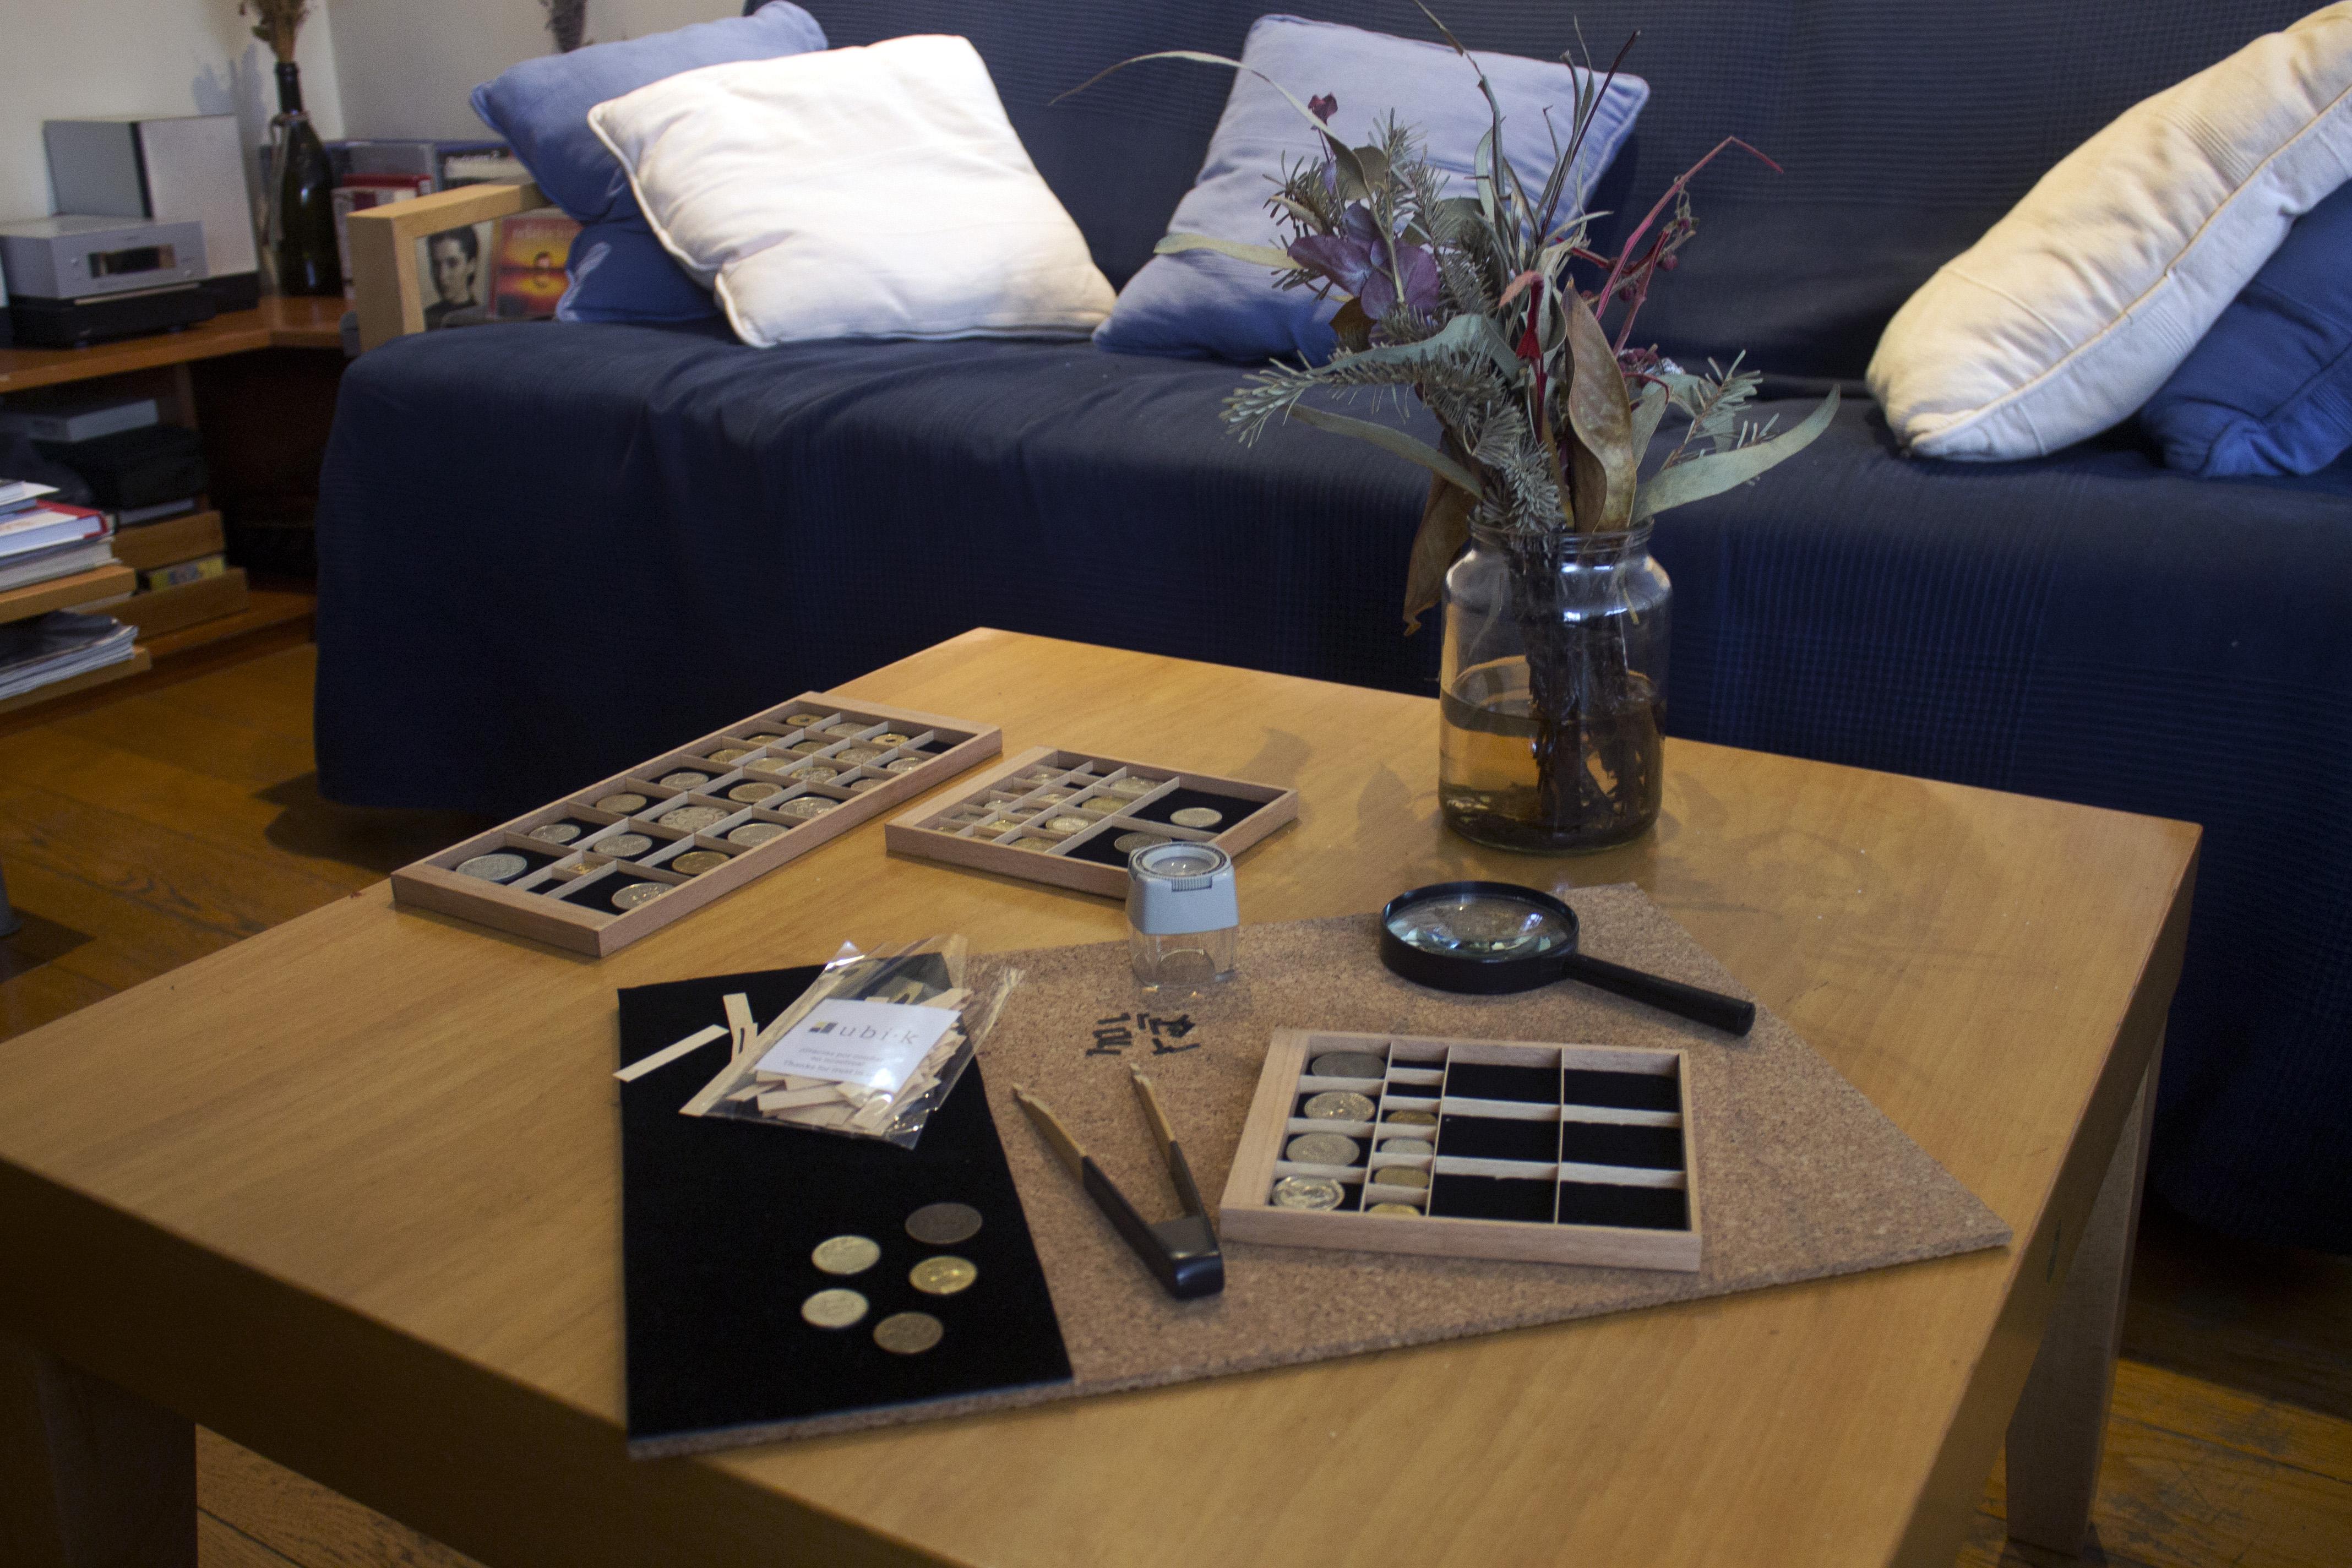 Productos, accesorios y suplementos Ubi-k para coleccionistas - monedas / numismática / euros